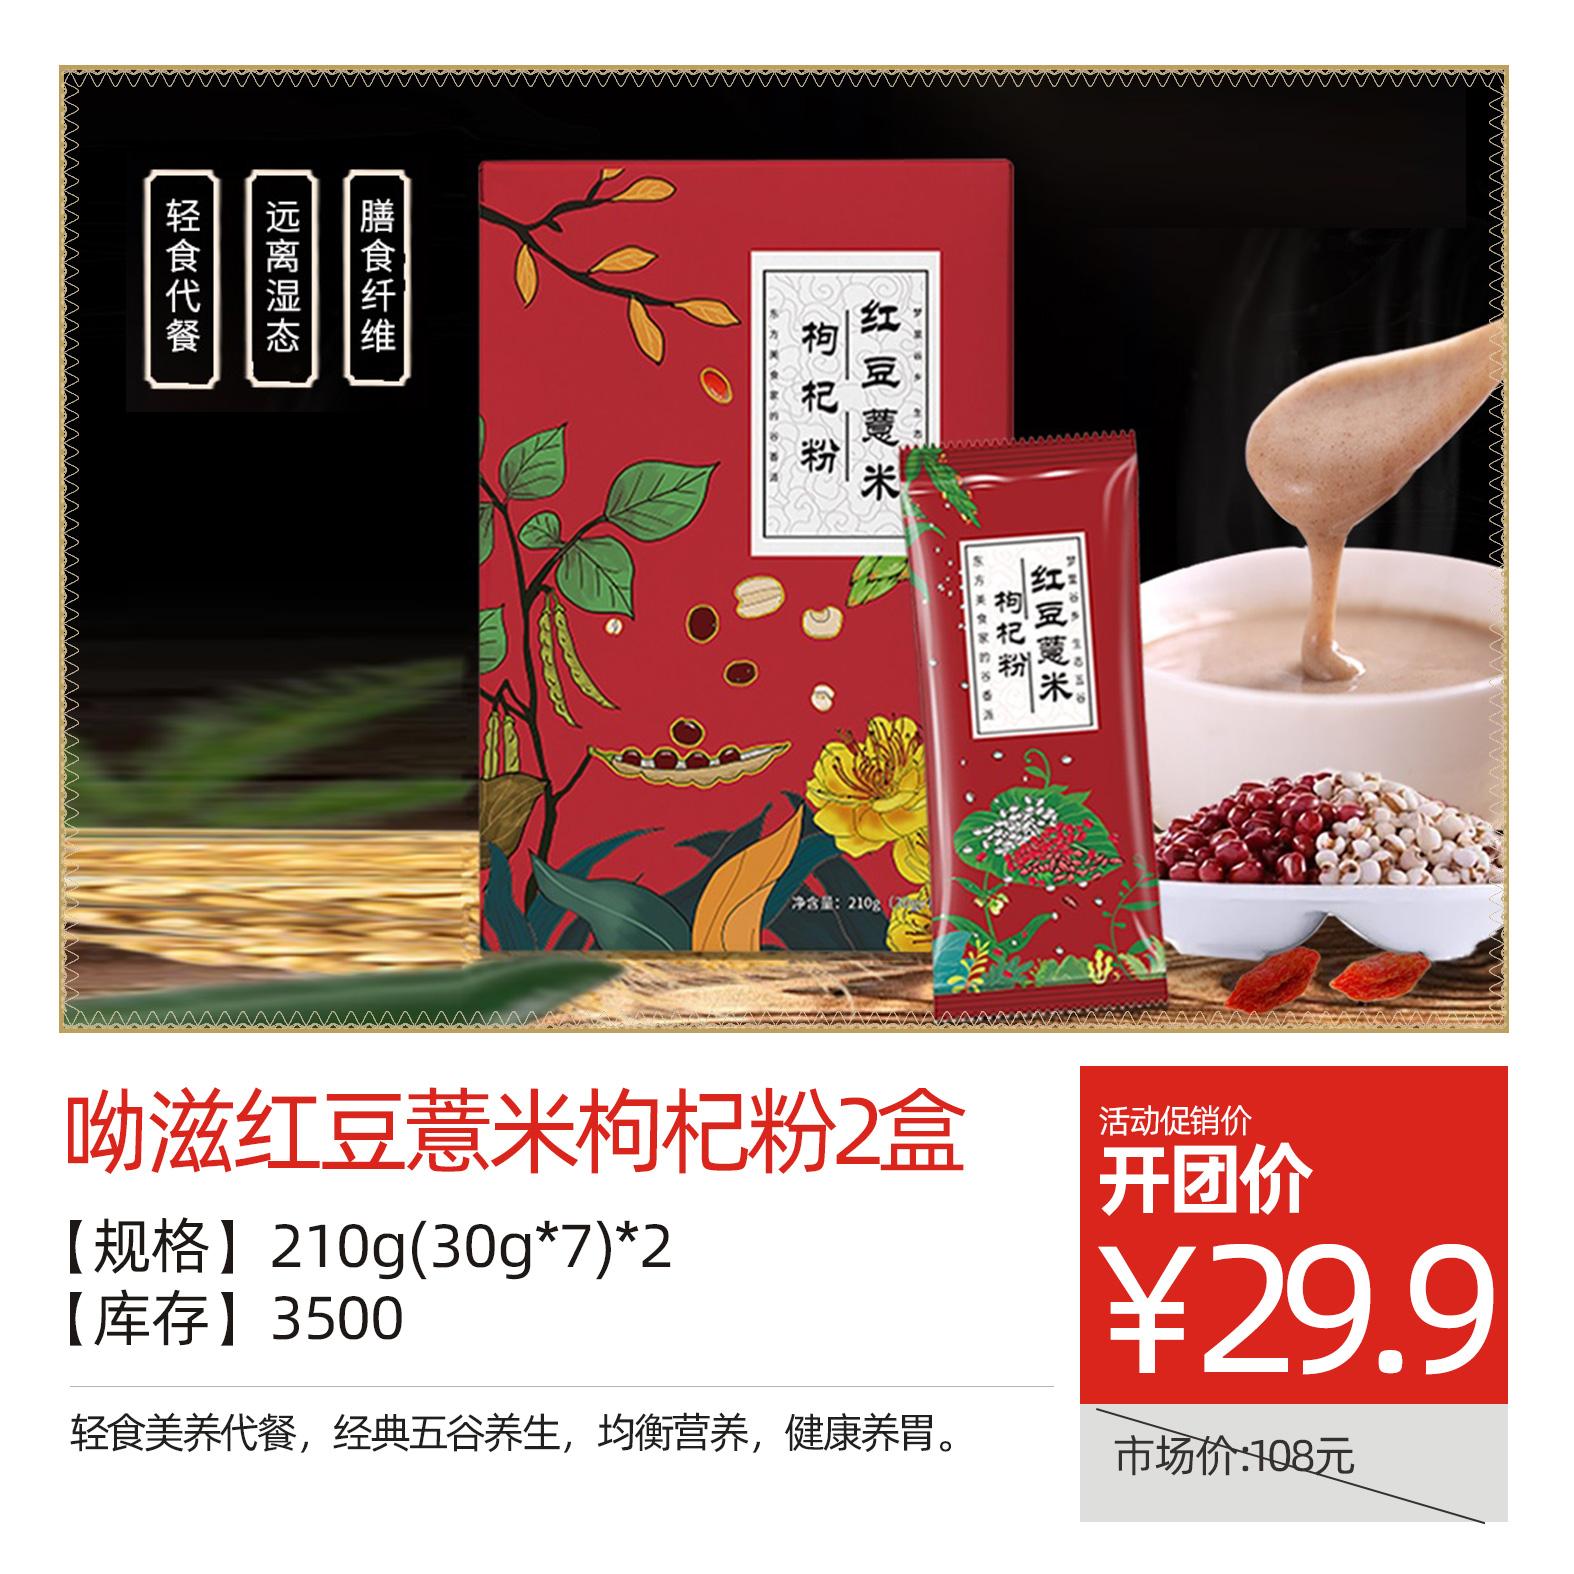 呦滋红豆薏米枸杞粉2盒